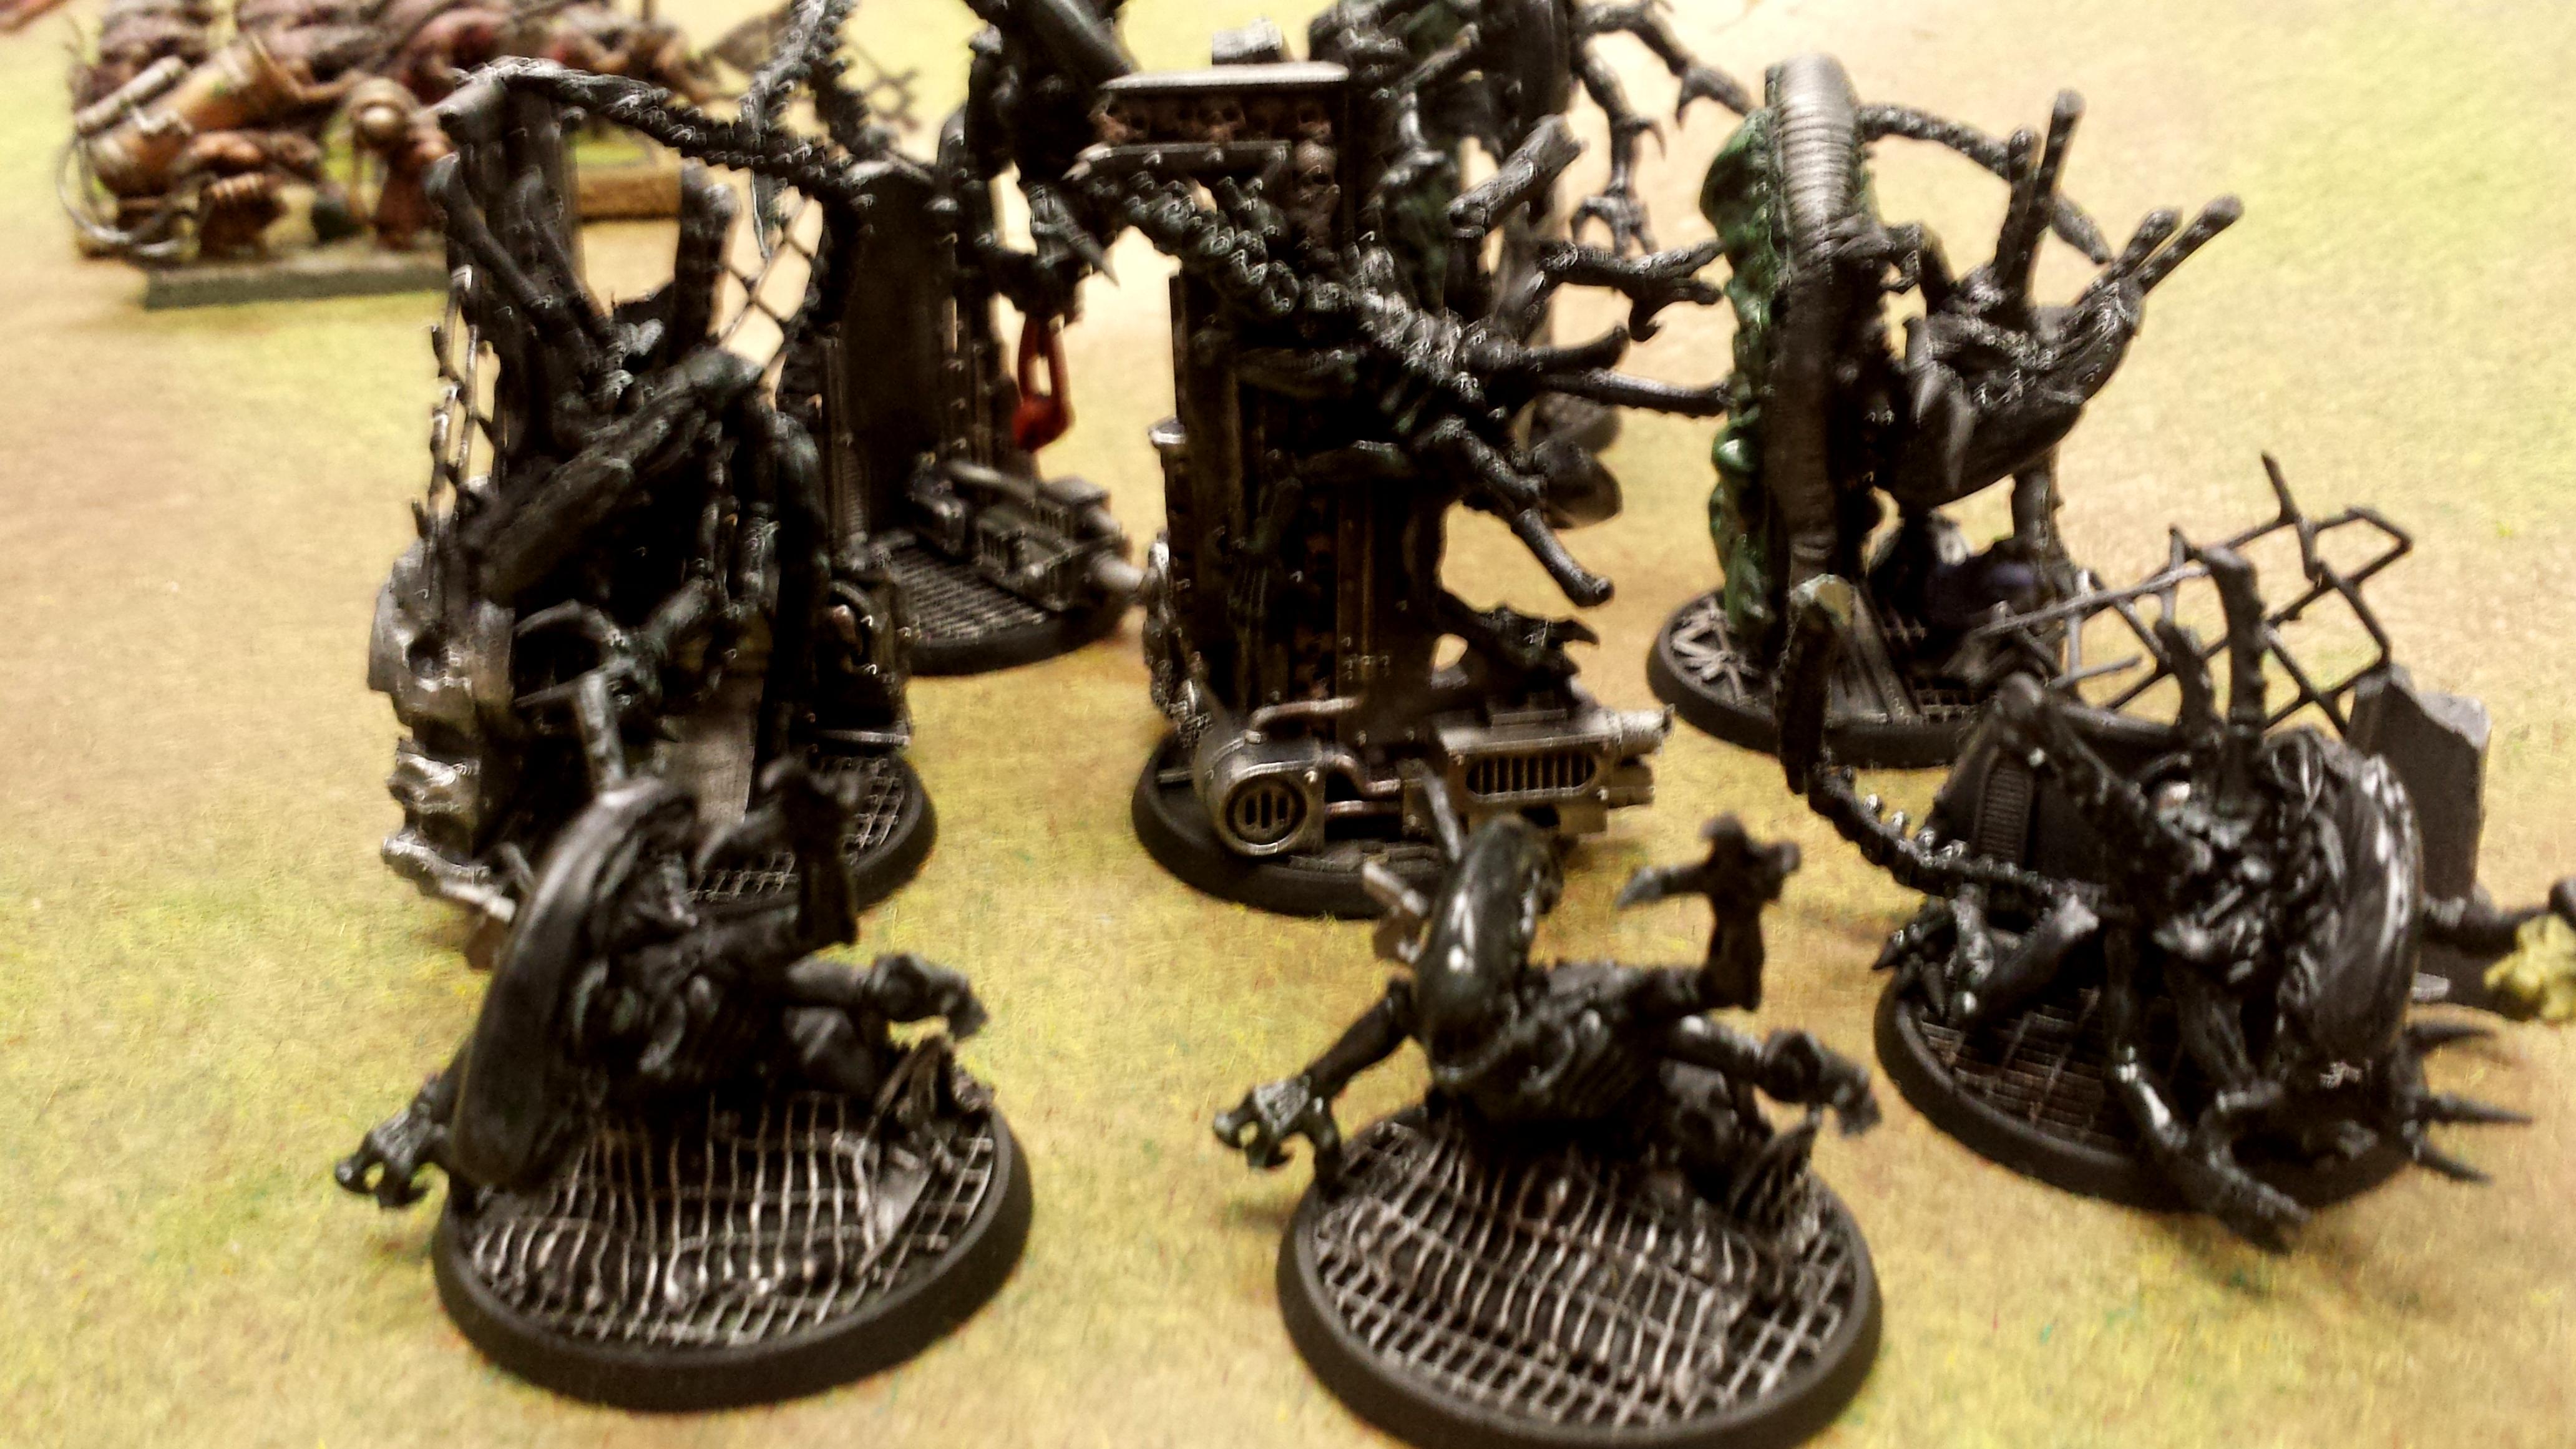 Alien, Aliens, Deathleaper, Doom Of Malantai, Genestealer, Hive Fleet, Mycetic Spore, Spore Mine Clusters, Swarmlord, Tyranids, Tyranidsgenestealers, Warhammer 40,000, Warriors, Ymgarl Genestealers